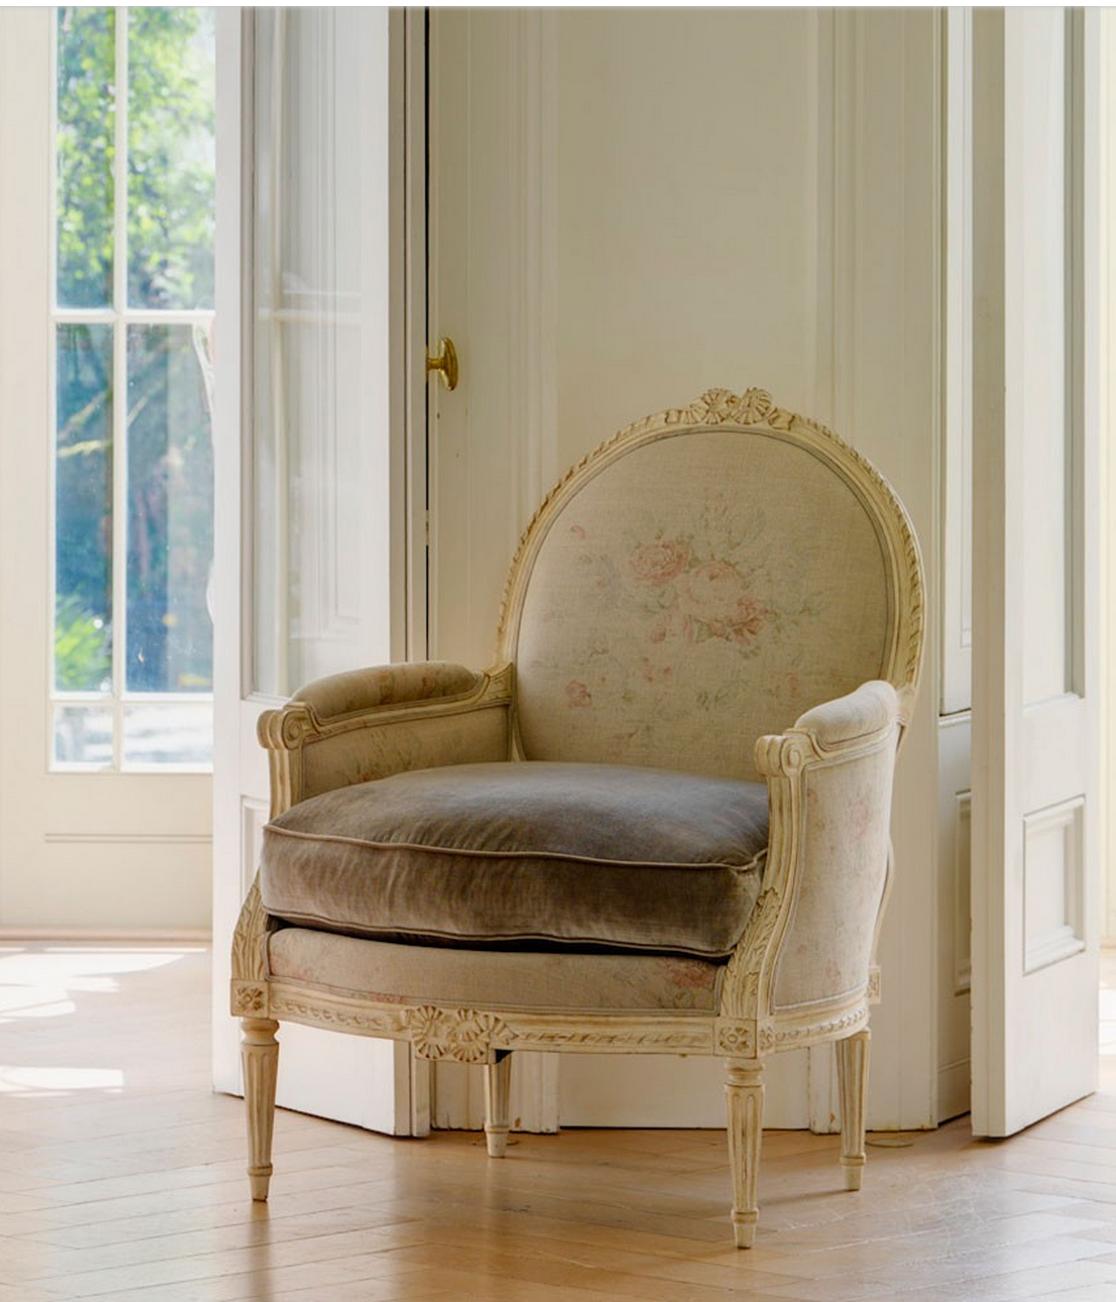 Minnie Peters - Belgian Chair with Ralph Lauren faded Linen and velvet.